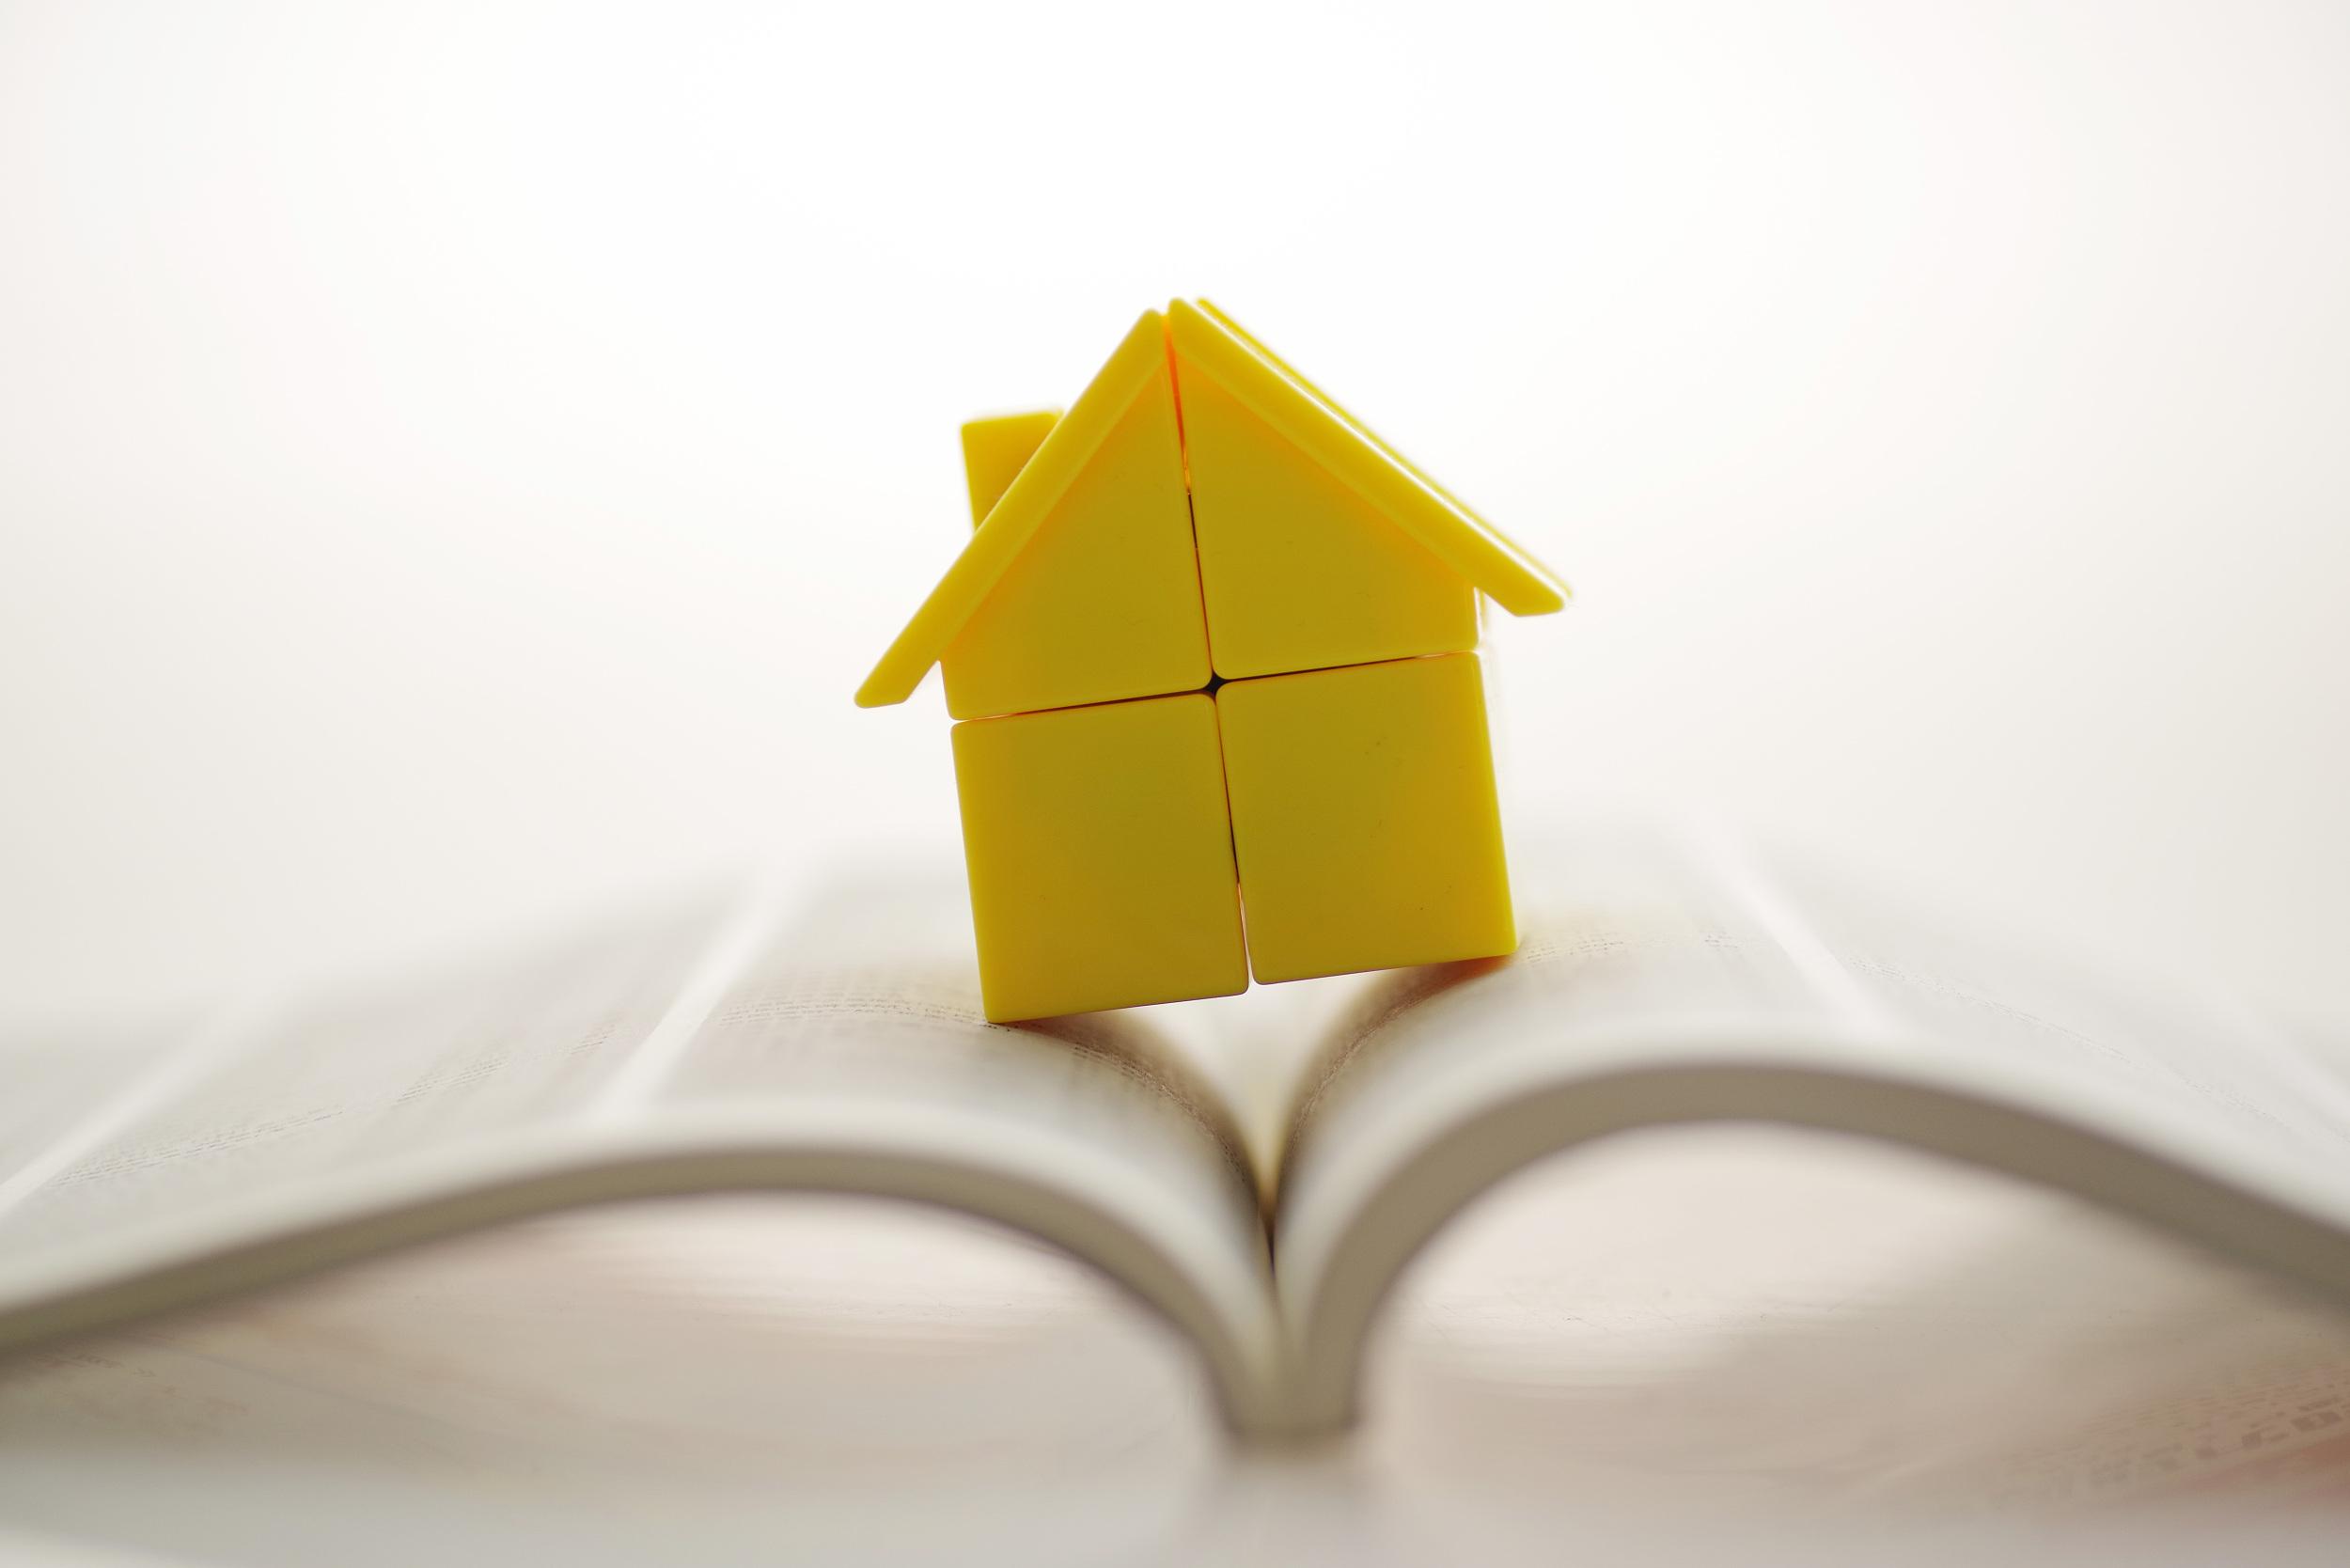 租房提取、申请公积金贷款需提供房产证明